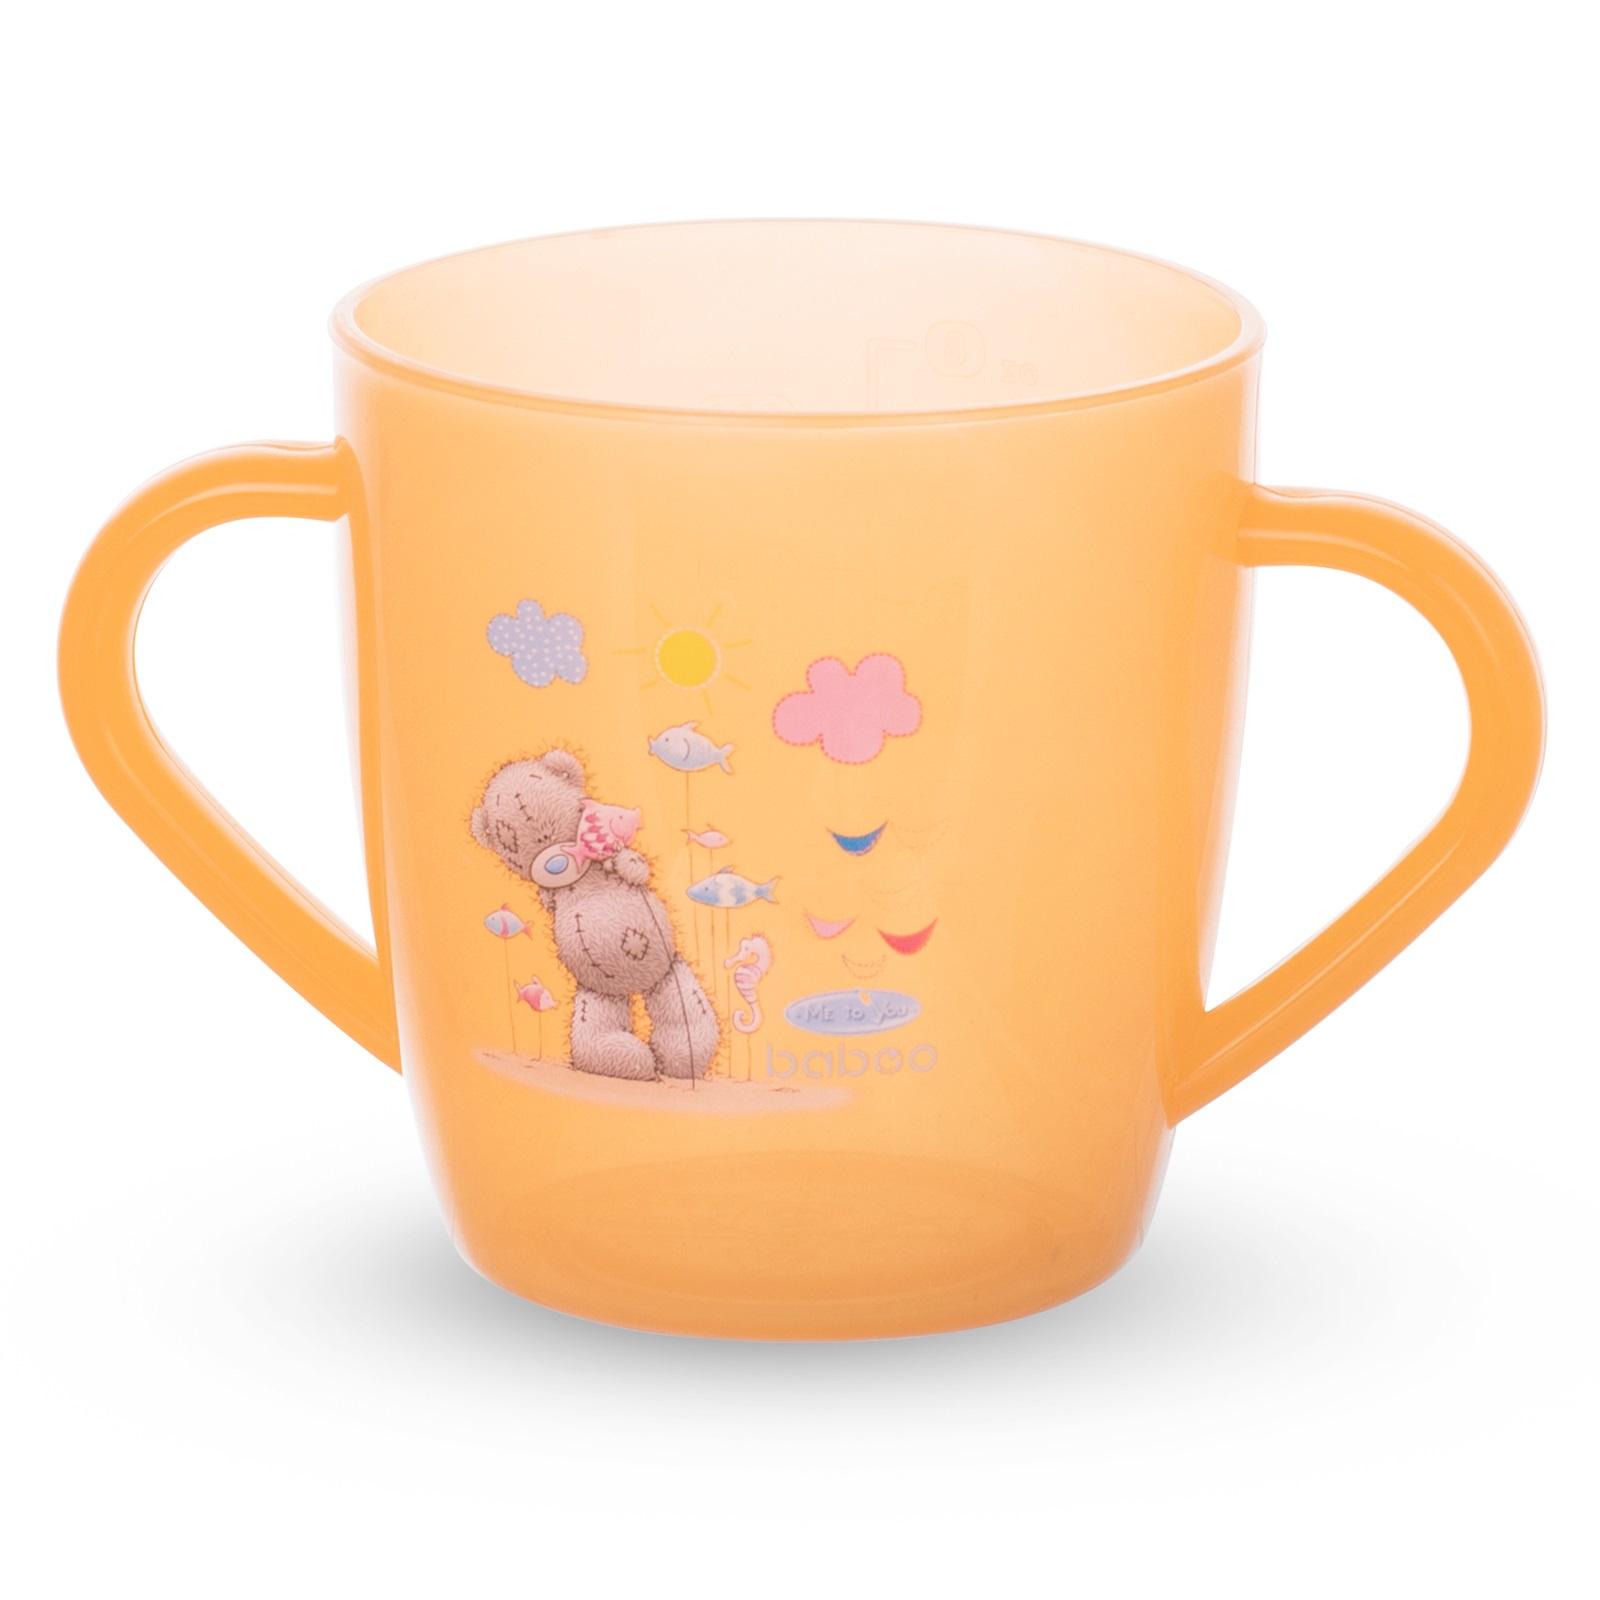 Фото - Чашка с ручками BABOO Me to You 200 мл. [супермаркет] jingdong геб scybe фил приблизительно круглая чашка установлена в вертикальном положении стеклянной чашки 290мла 6 z